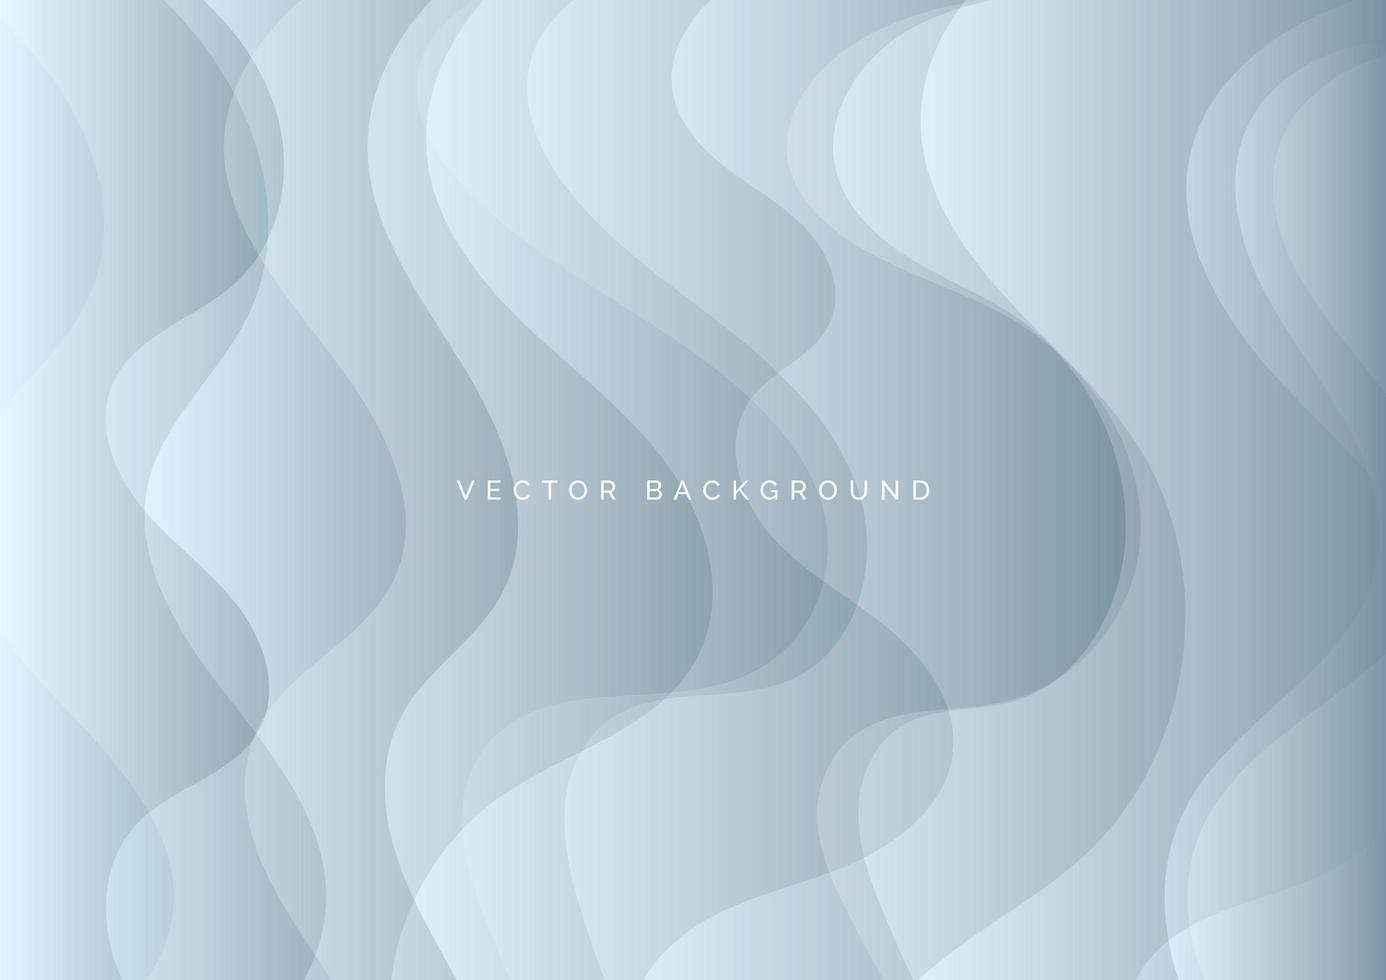 fundo abstrato com camadas curvas prateadas vetor